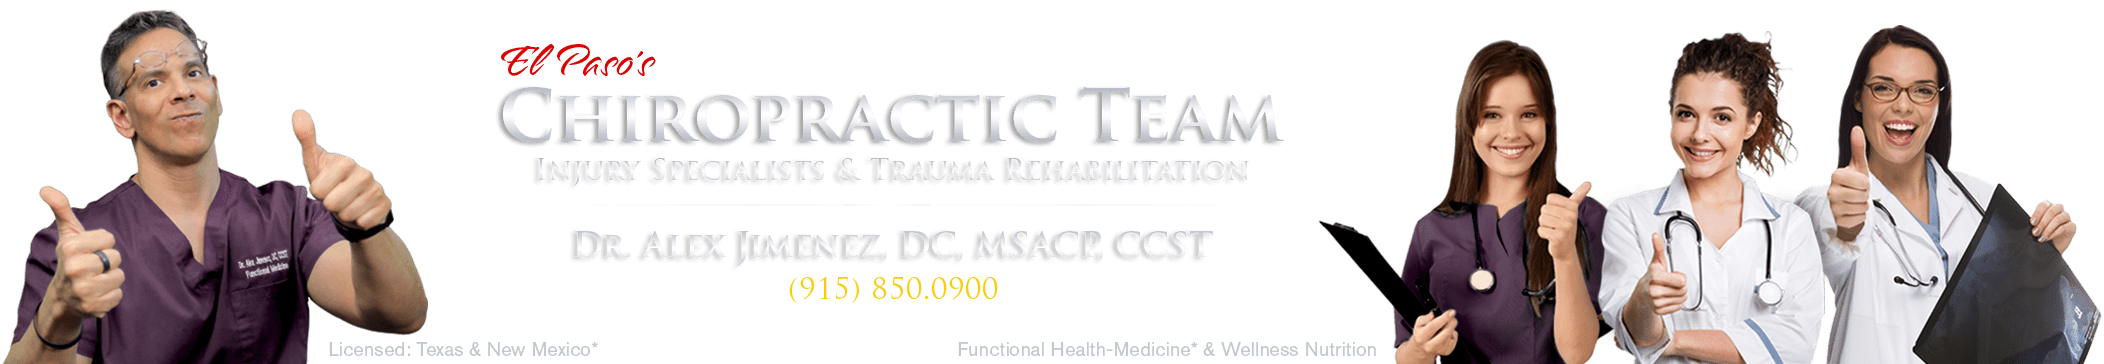 Première clinique de chiropratique d'El Paso 915-850-0900